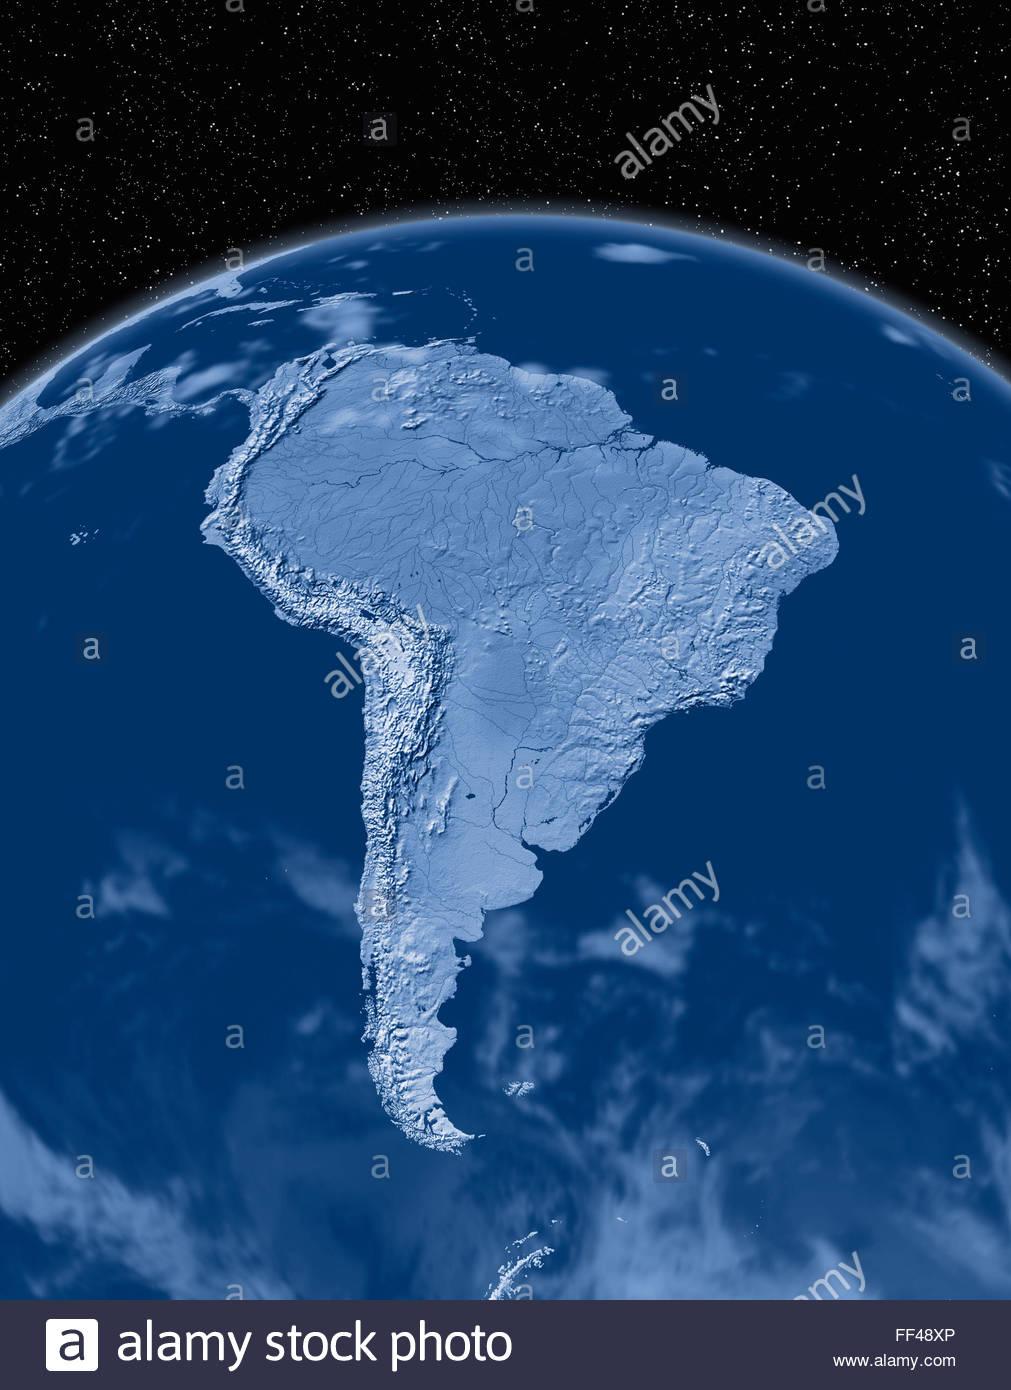 Satelliten-Ansicht eines Teils der Erde aus dem Raum Südamerika Kontinent der Welt Karte Raum Planet Globus Stockbild